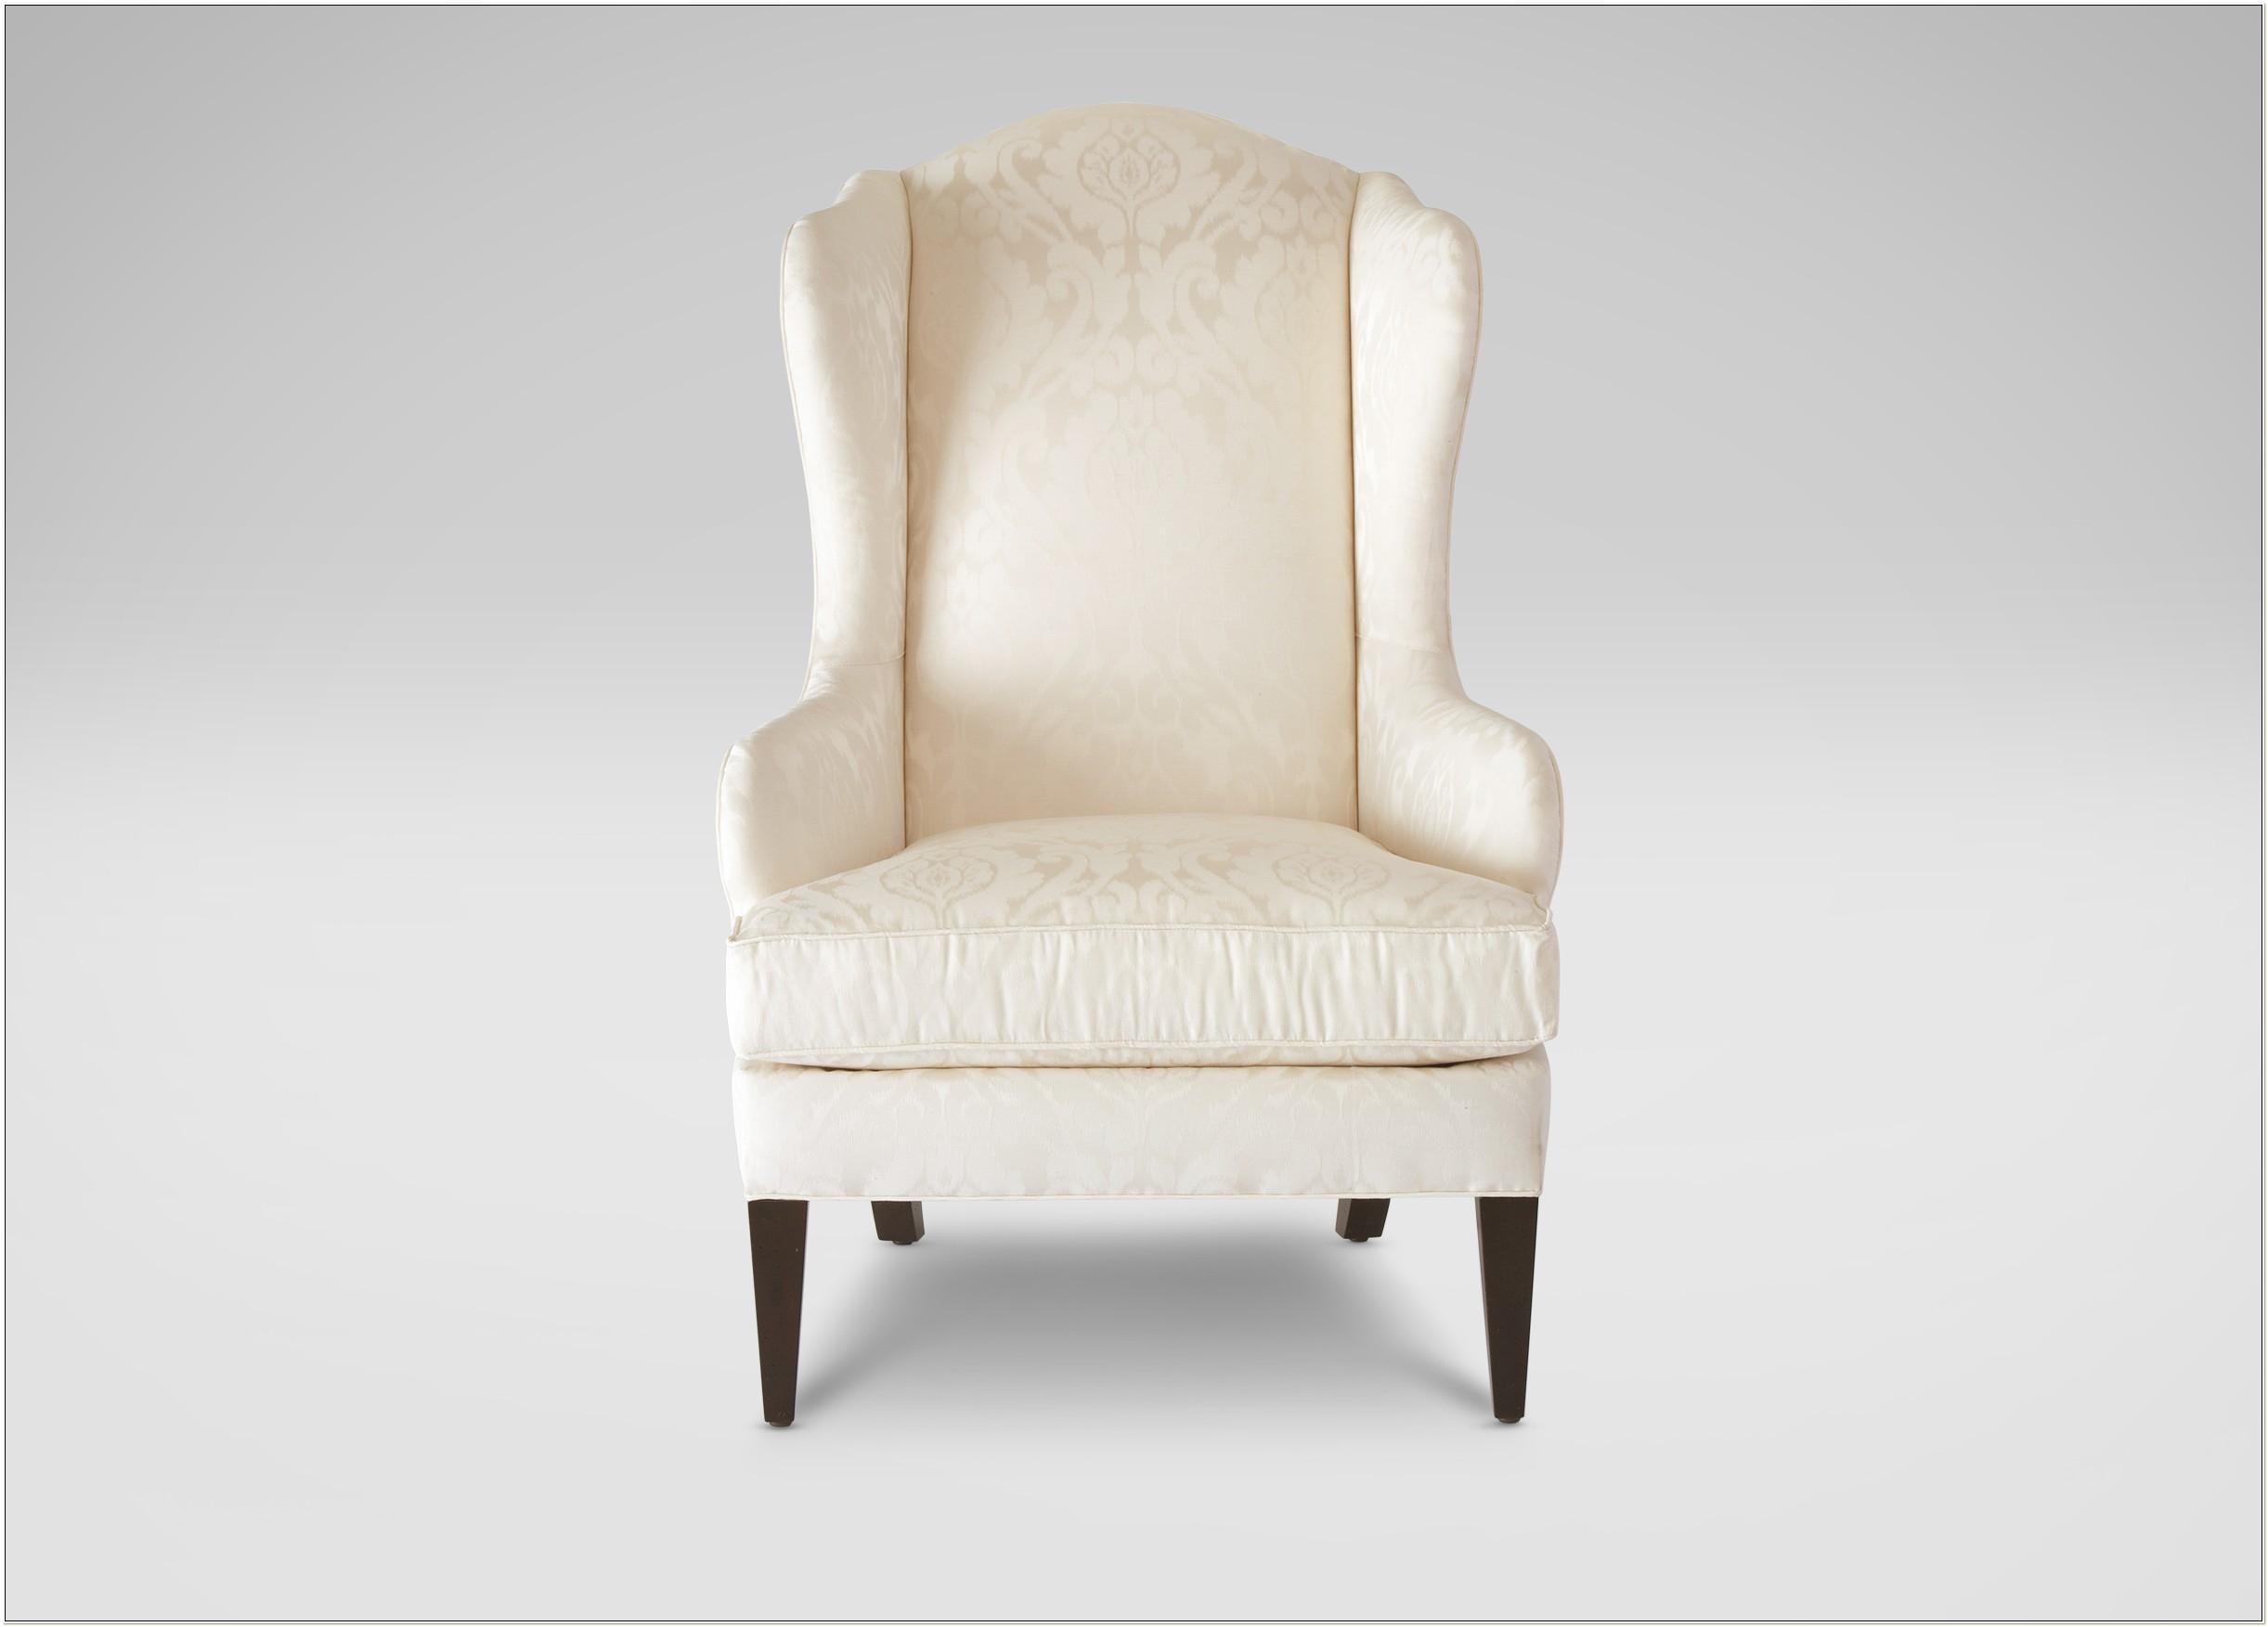 Ethan Allen Wing Chair Recliner